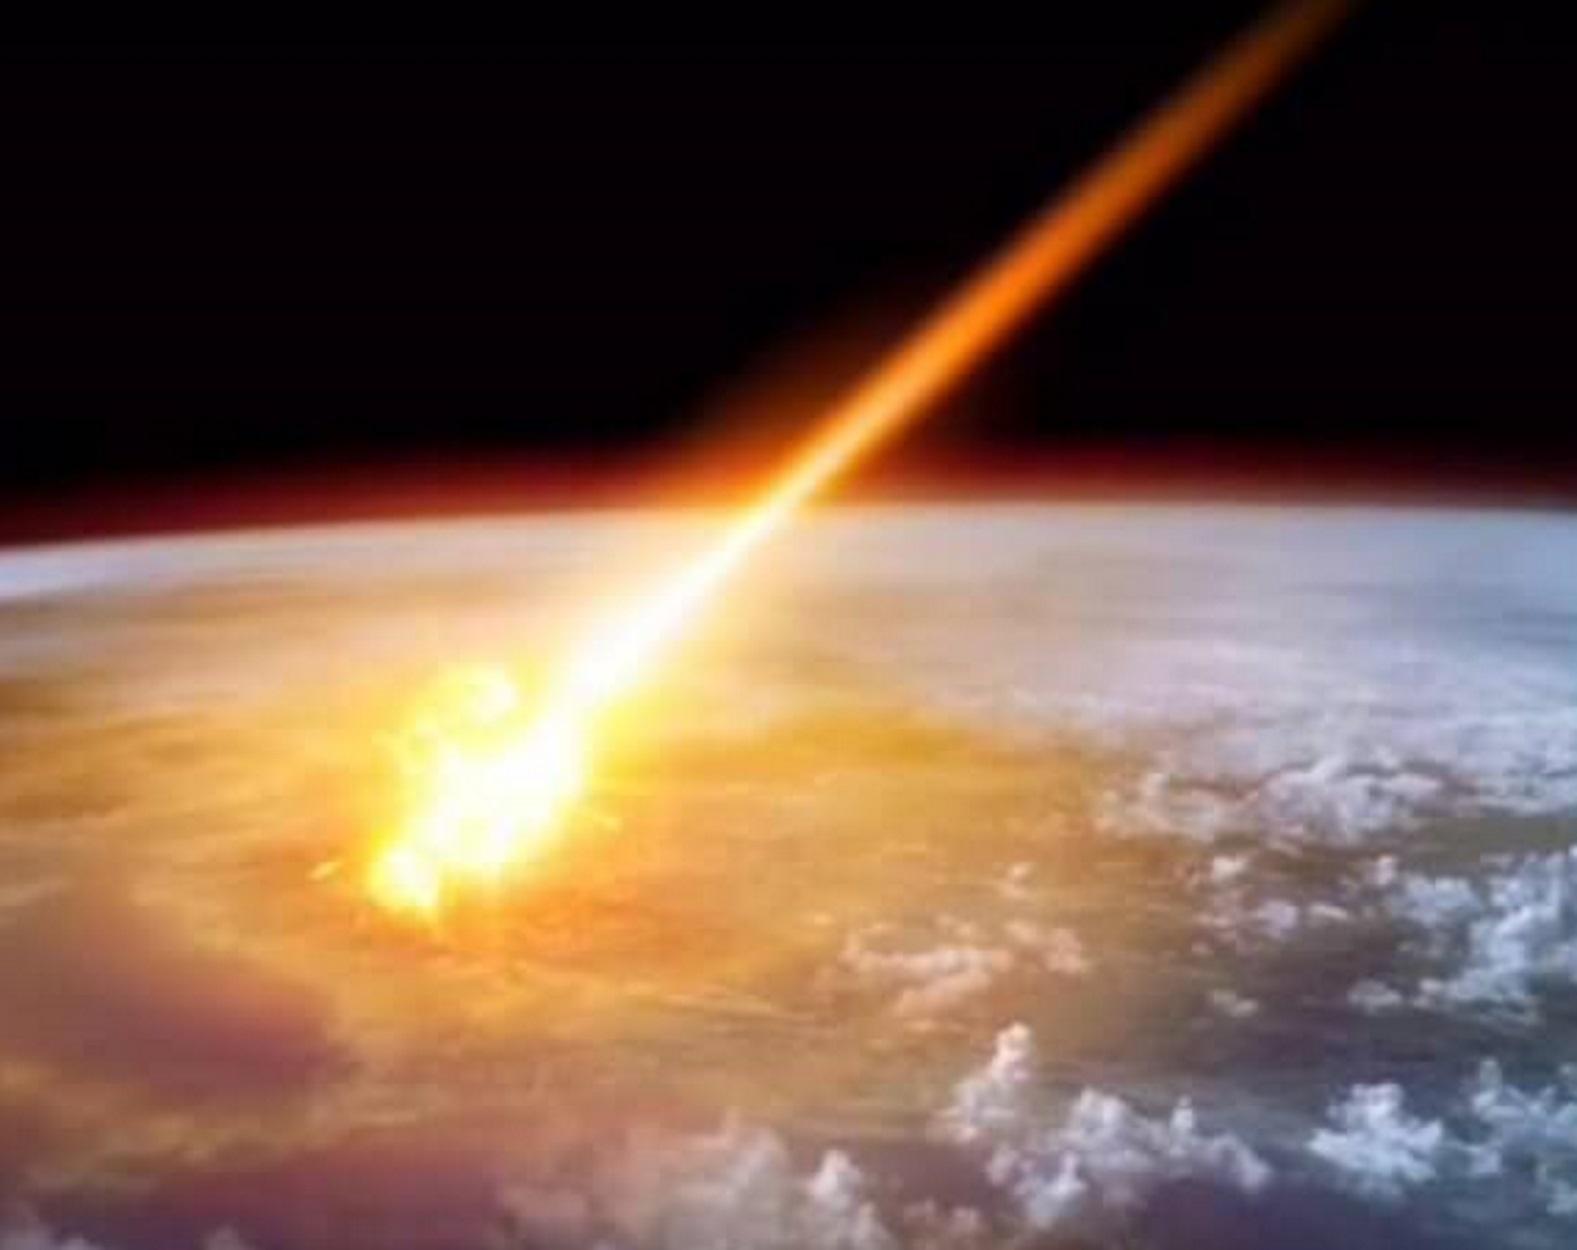 Ο πρώτος άνθρωπος που σκοτώθηκε από μετεωρίτη